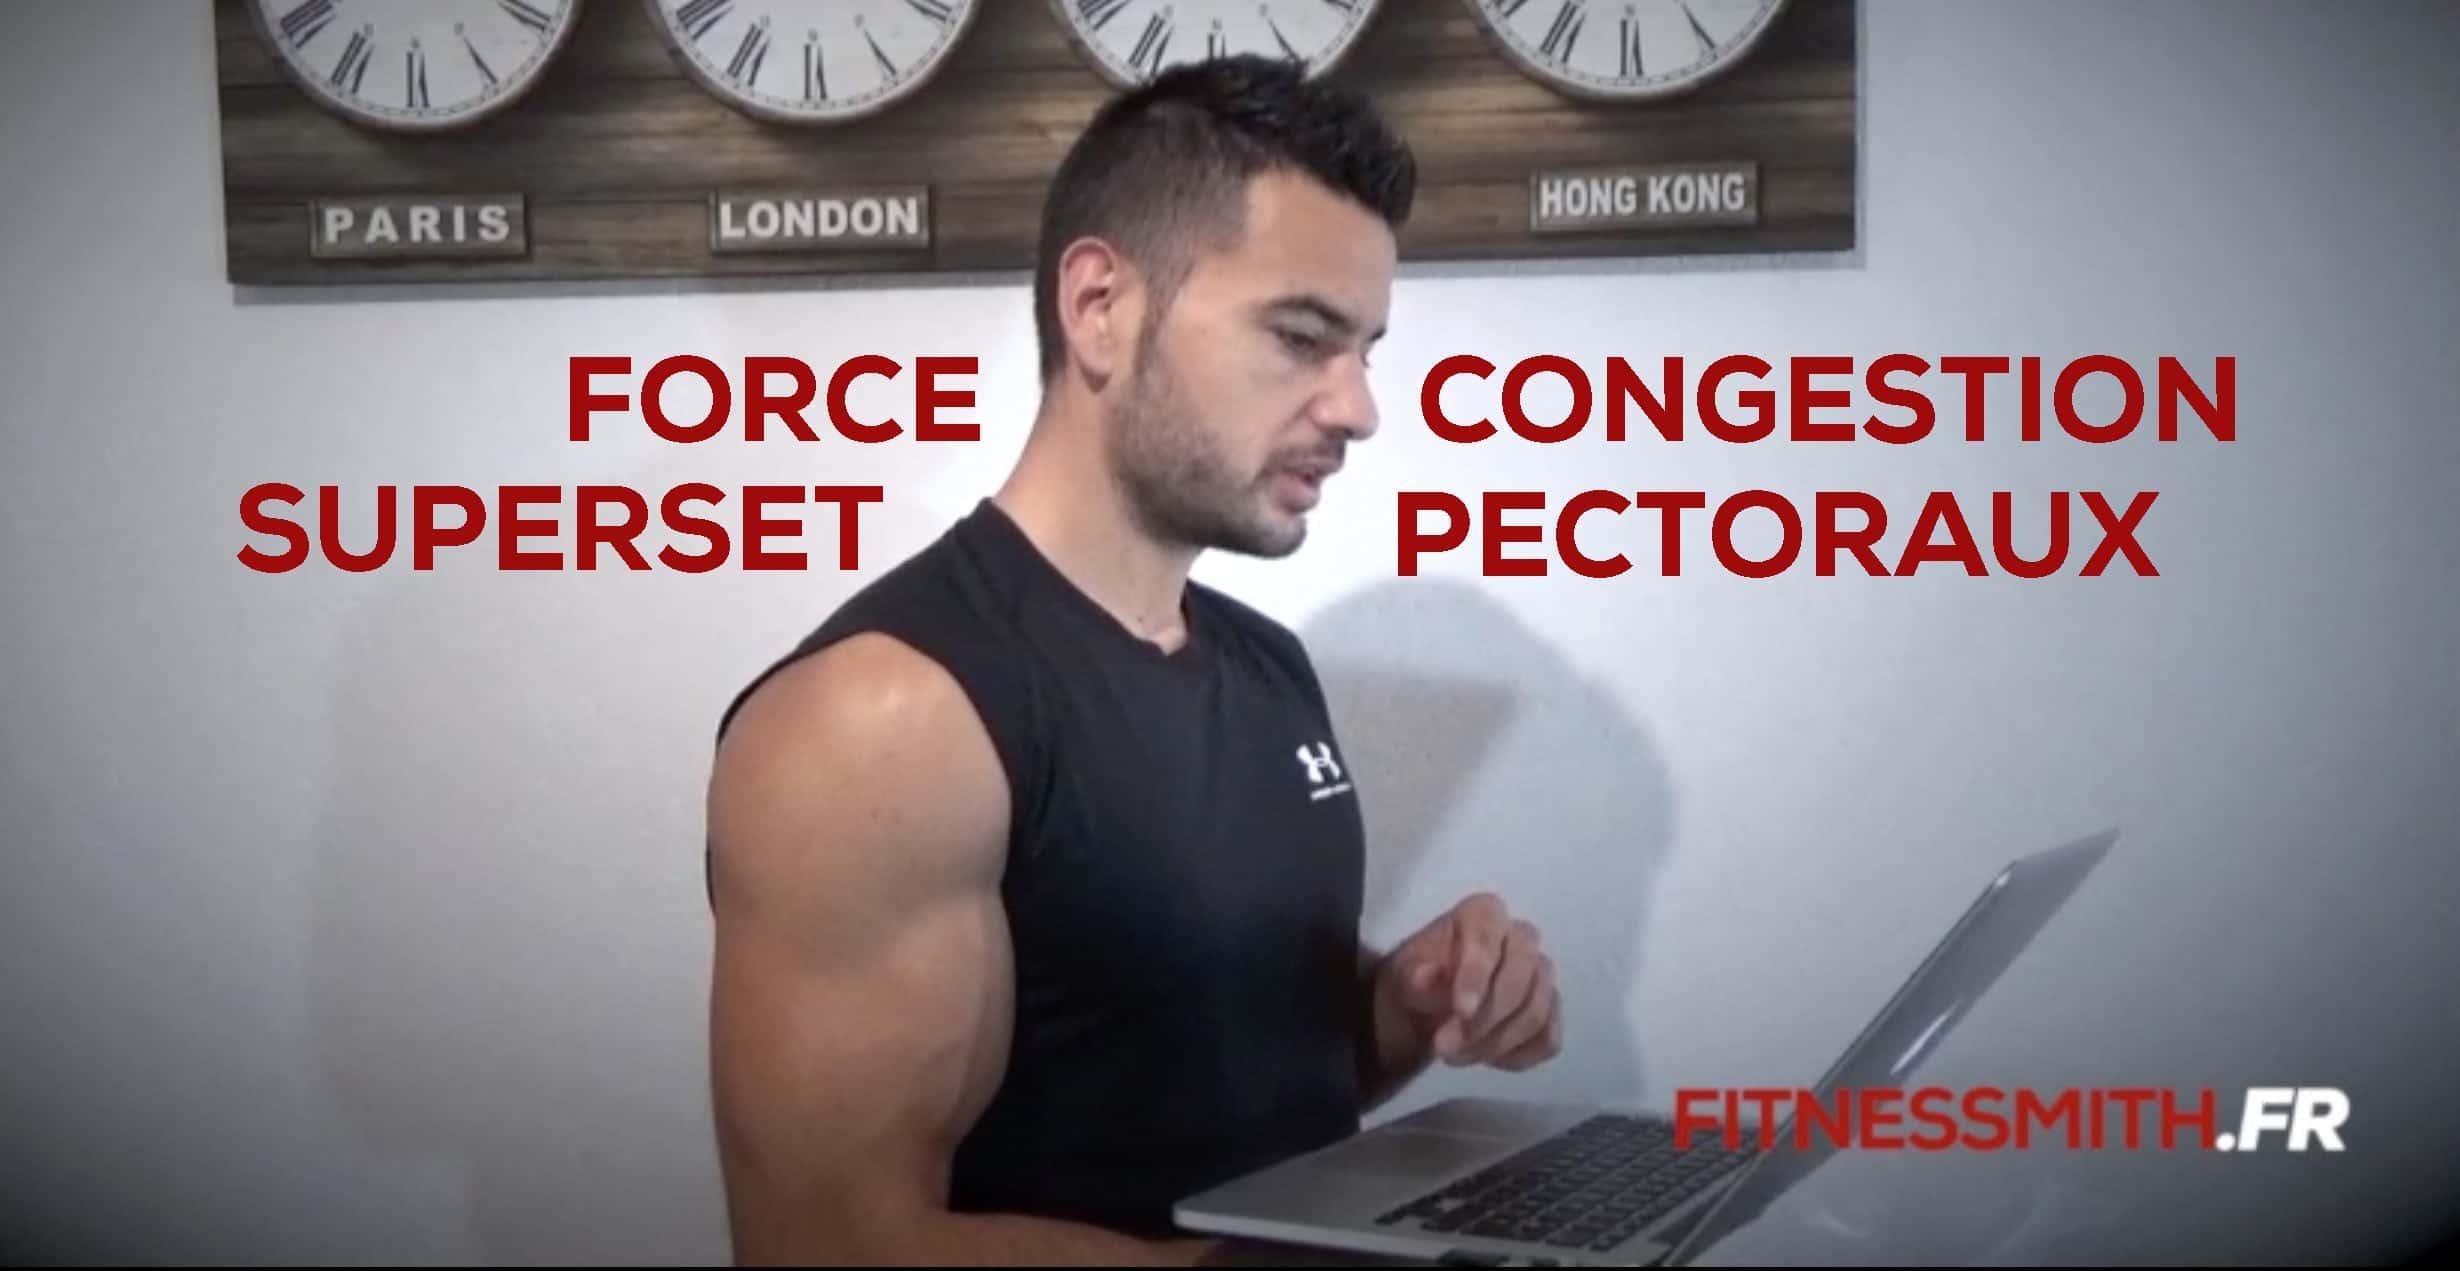 ? Congestion, superset, force et pectoraux, mes réponses